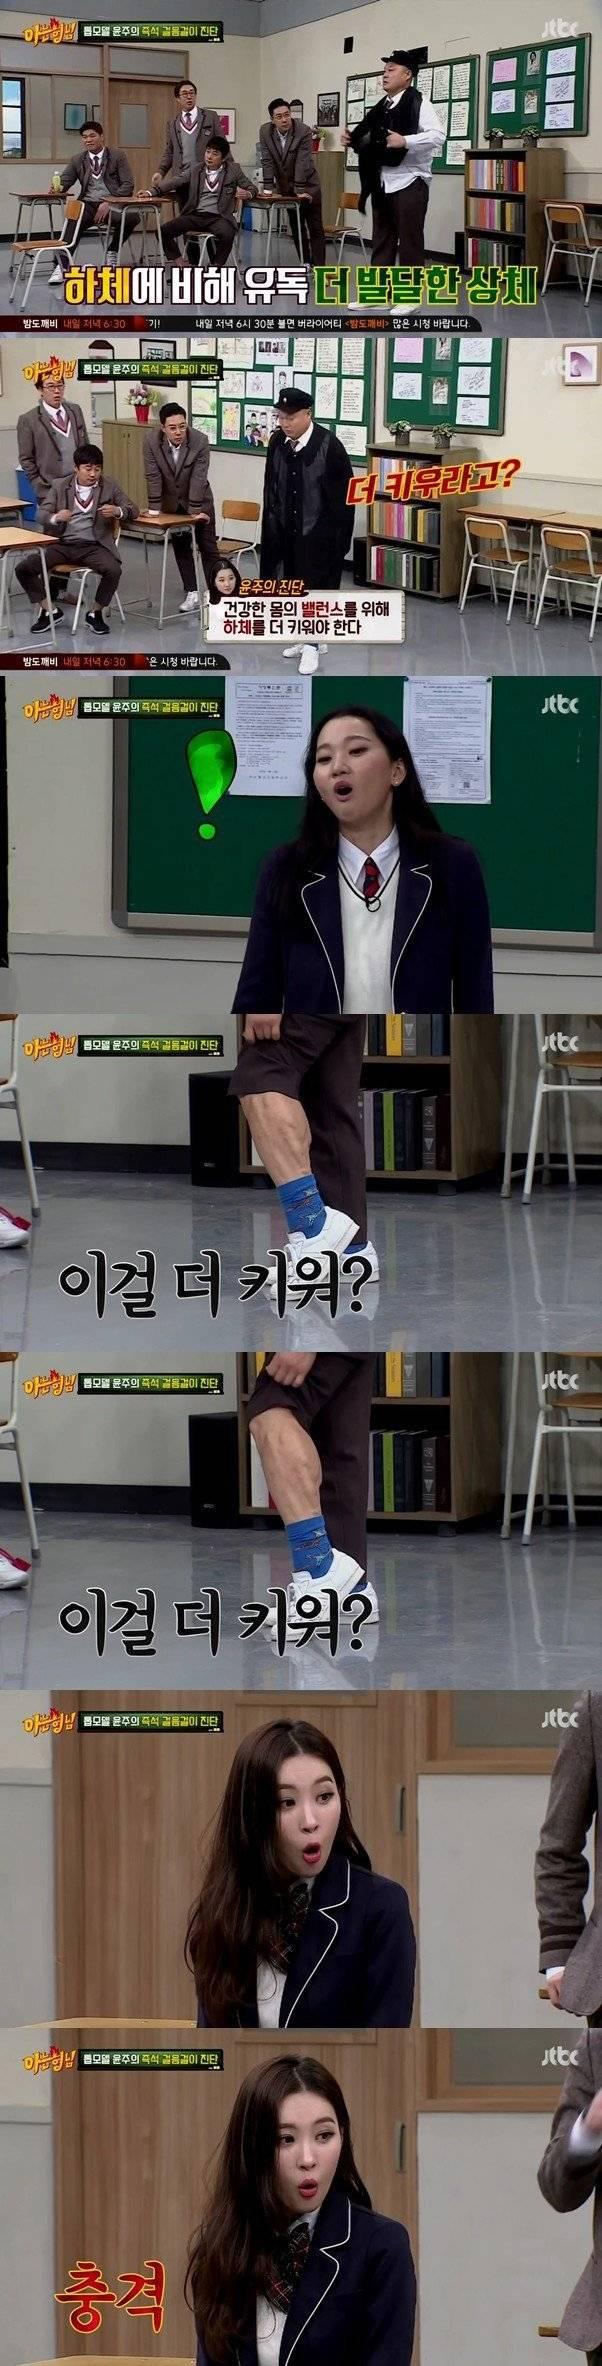 강호동 종아리 근황.jpg | 인스티즈